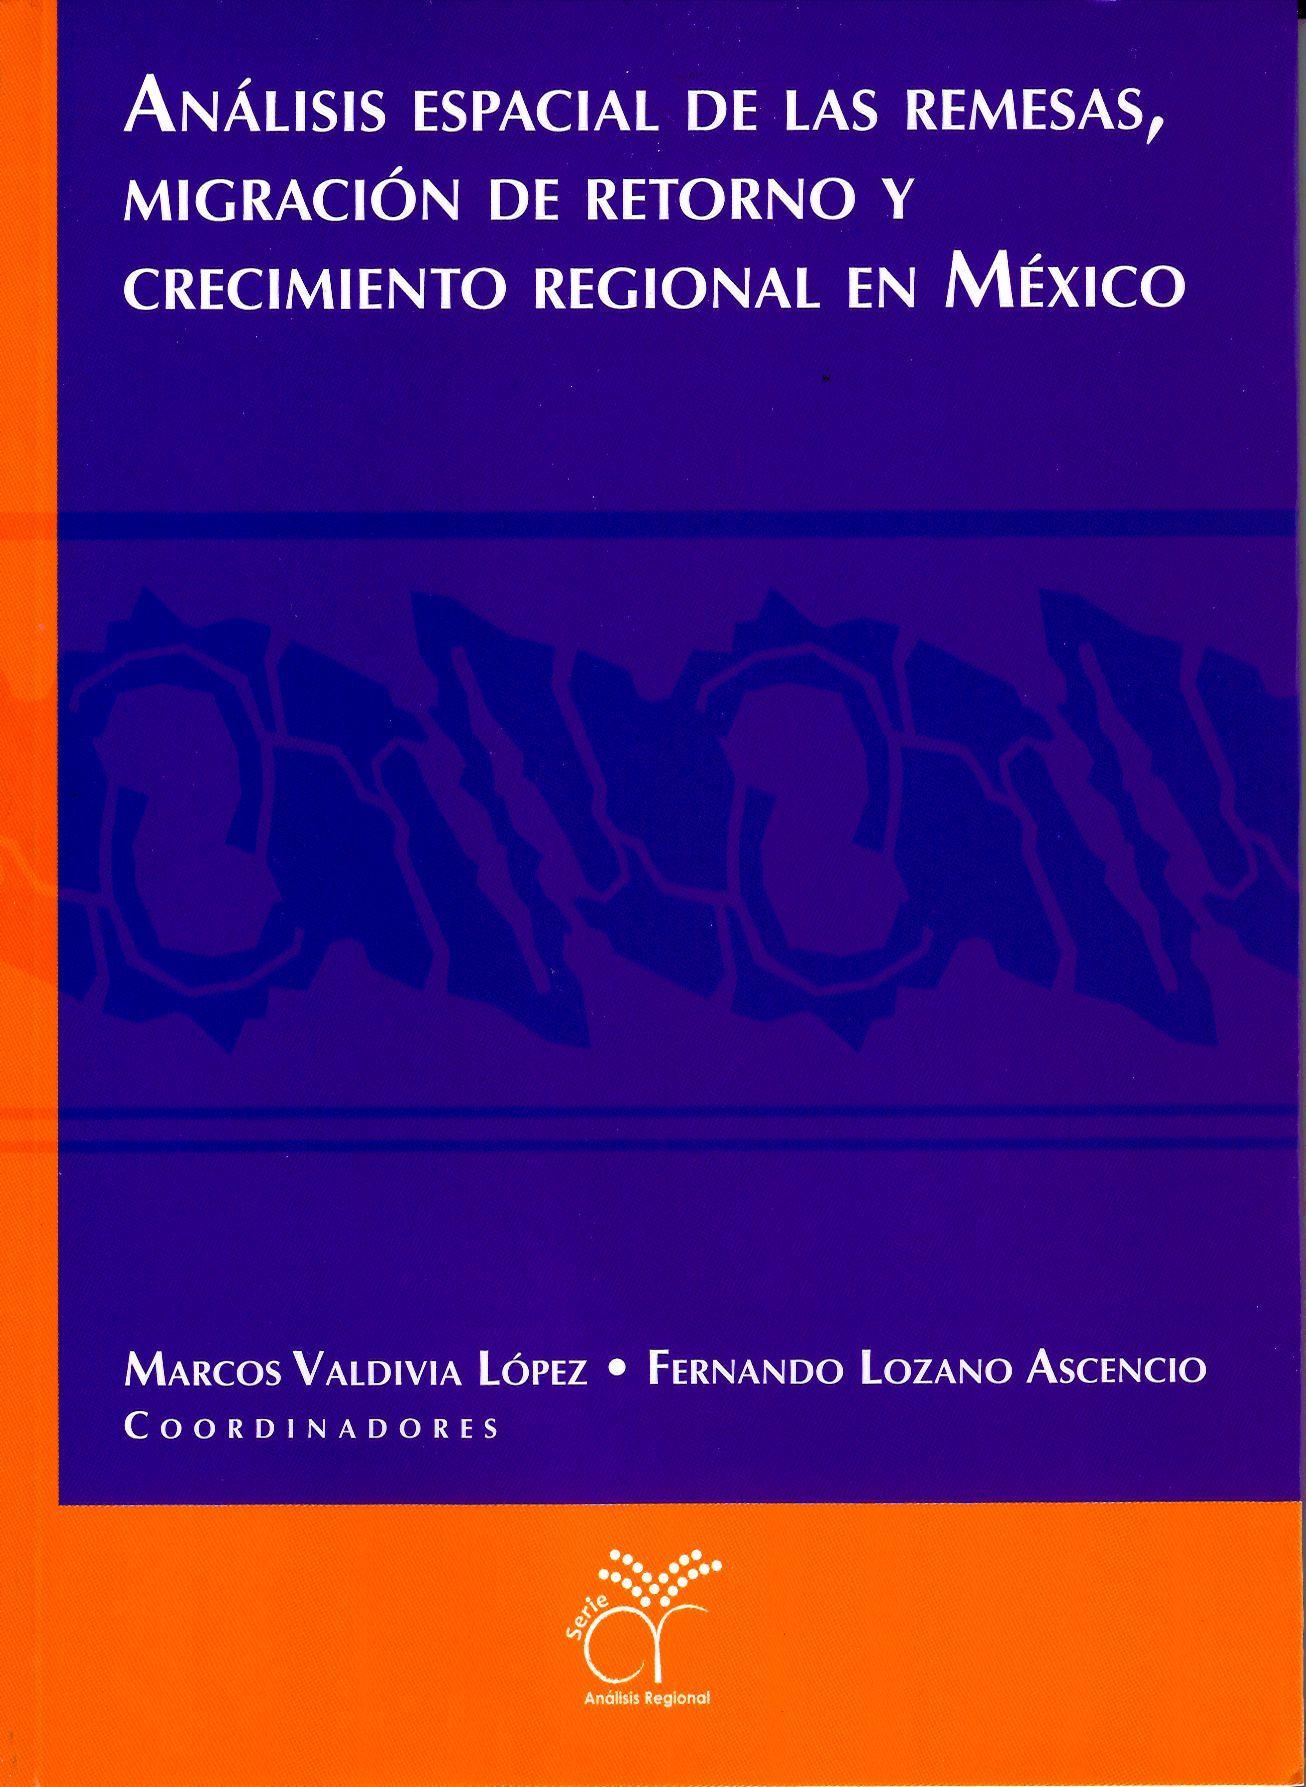 Análisis espacial de las remesas, migración de retorno y crecimiento regional en México